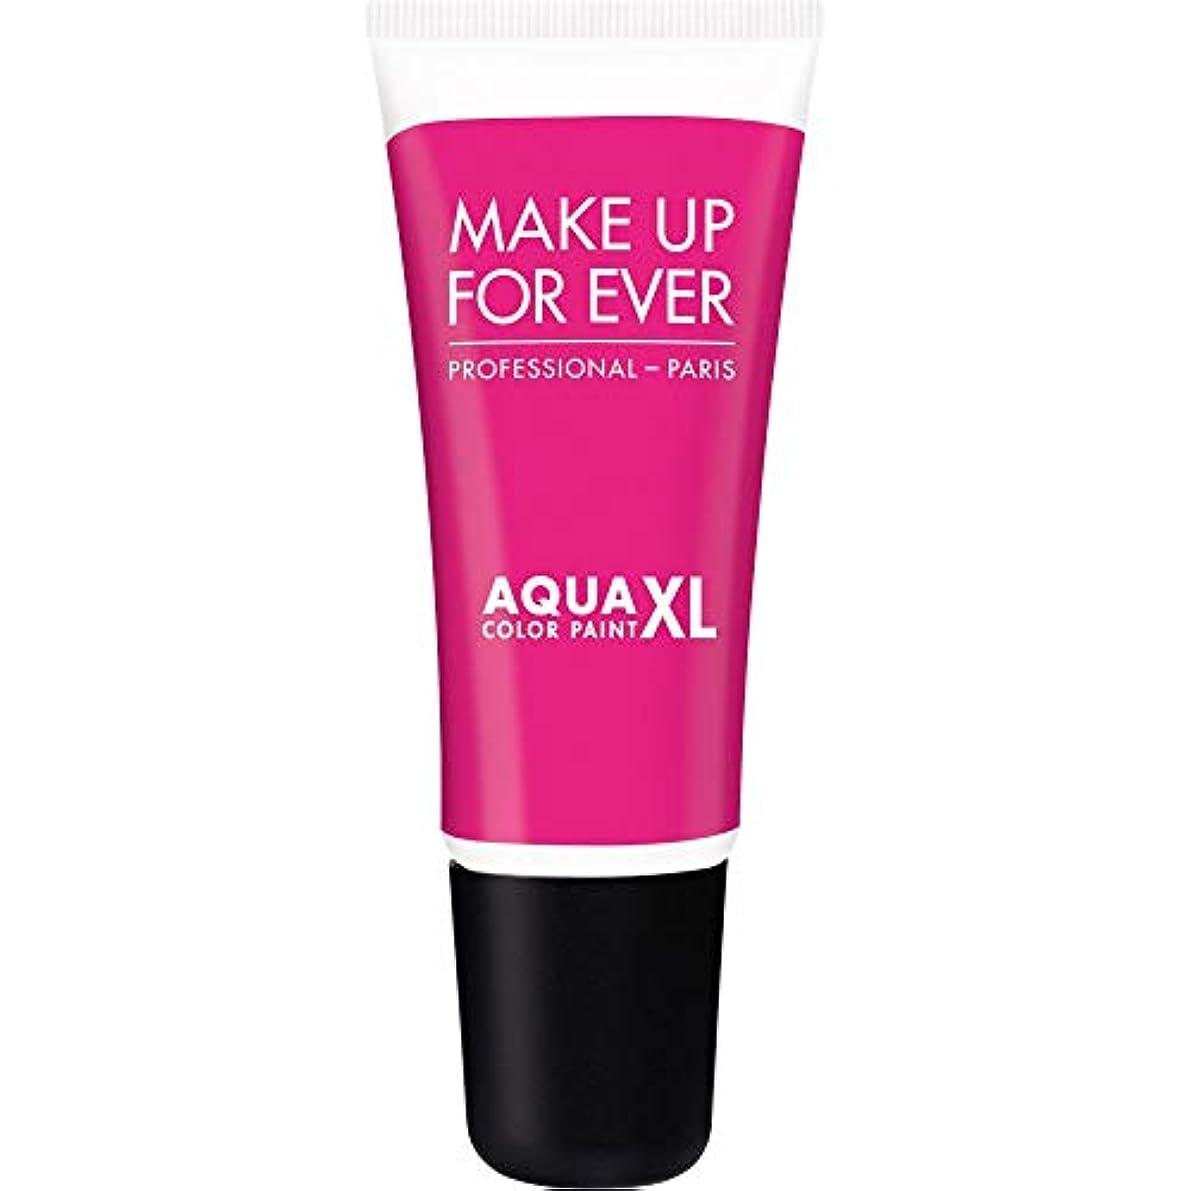 コロニアル机仕える[MAKE UP FOR EVER] 防水アイシャドウ4.8ミリリットルのM-82 - - マットFuschia史上アクアXl色の塗料を補います - MAKE UP FOR EVER Aqua XL Color Paint...